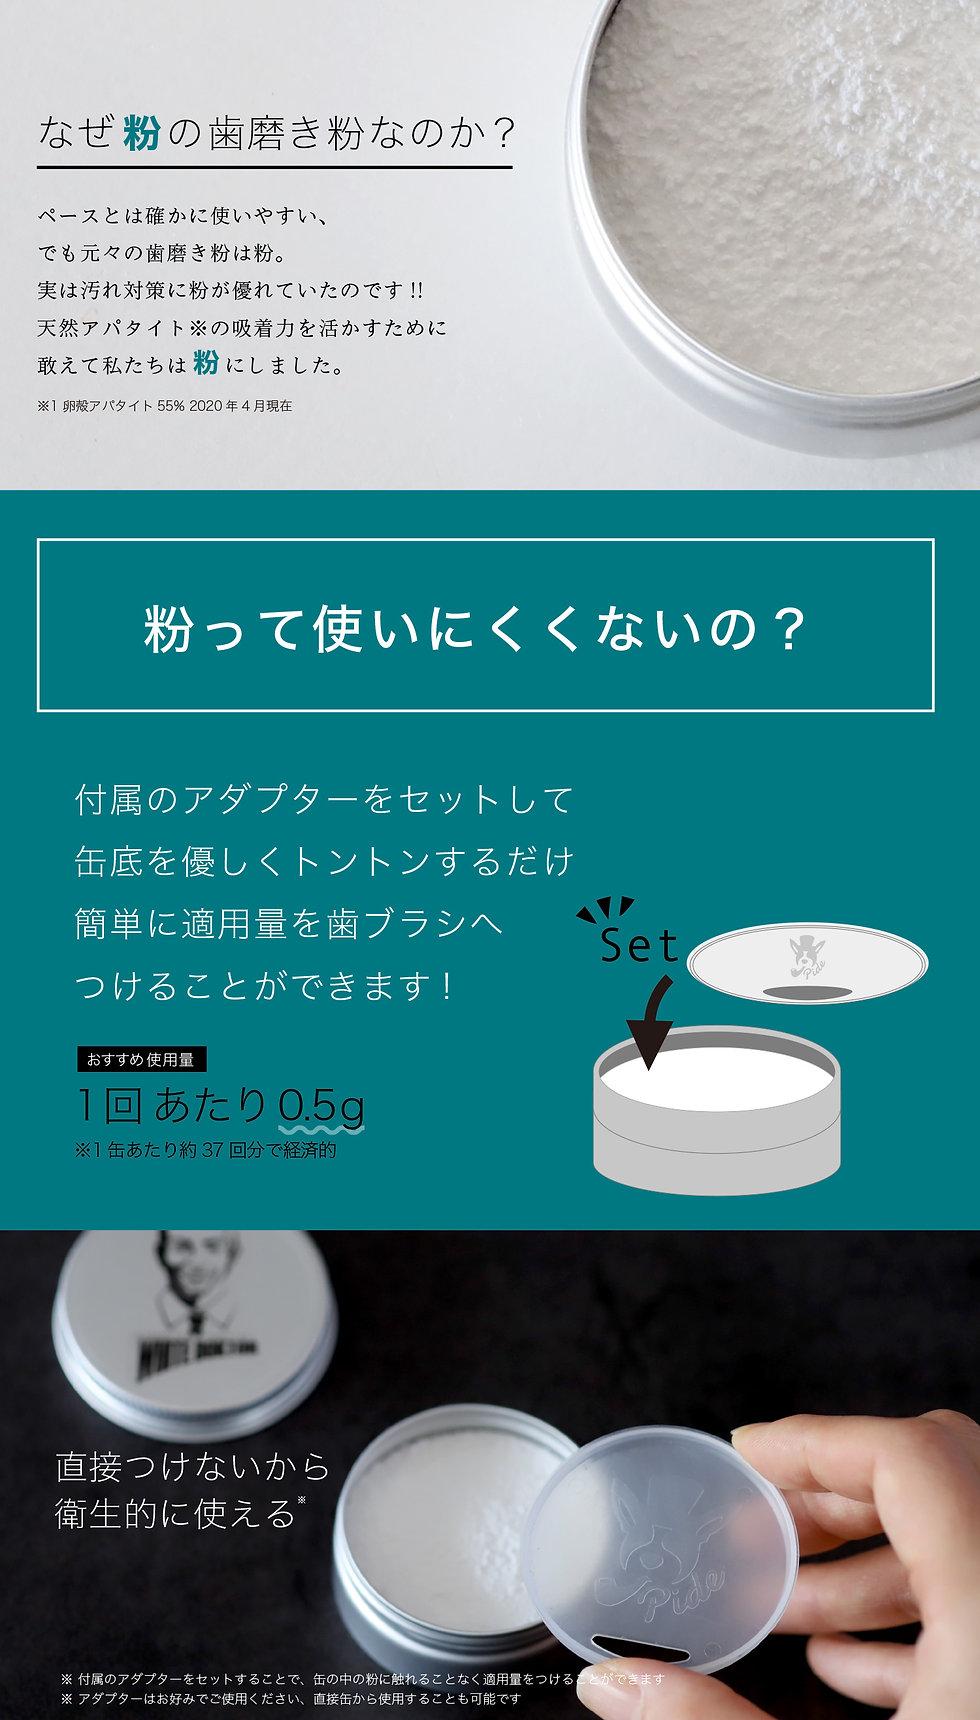 white001-2-1.jpg